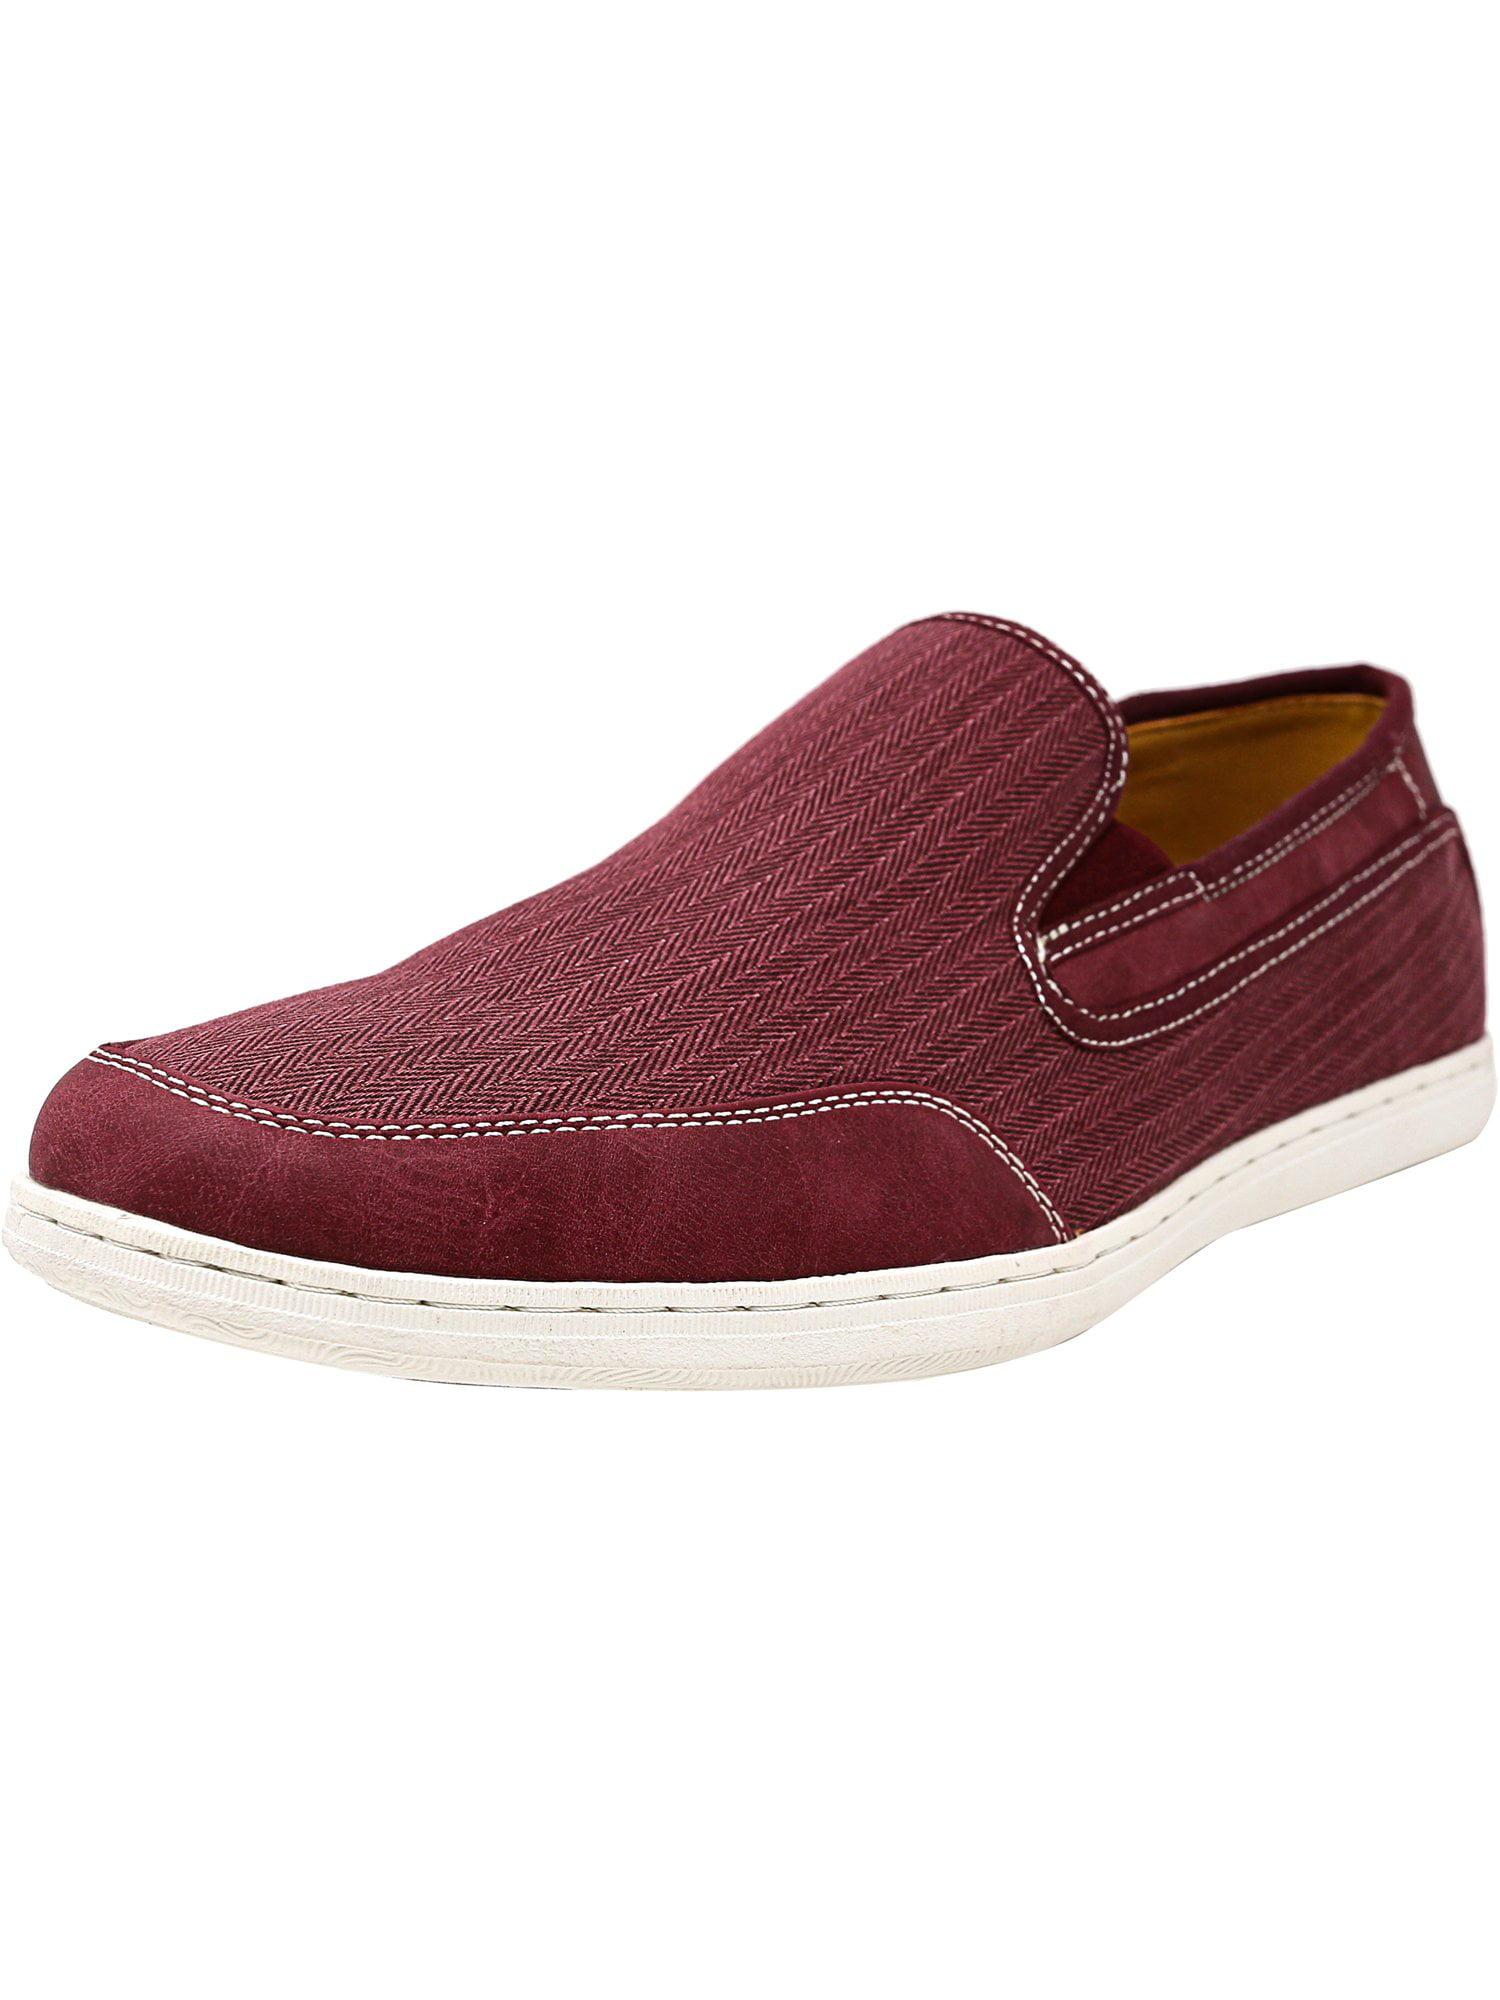 b9755ed1e47 Steve Madden Men s Luthur Fabric Red Ankle-High Flat Shoe - 13M